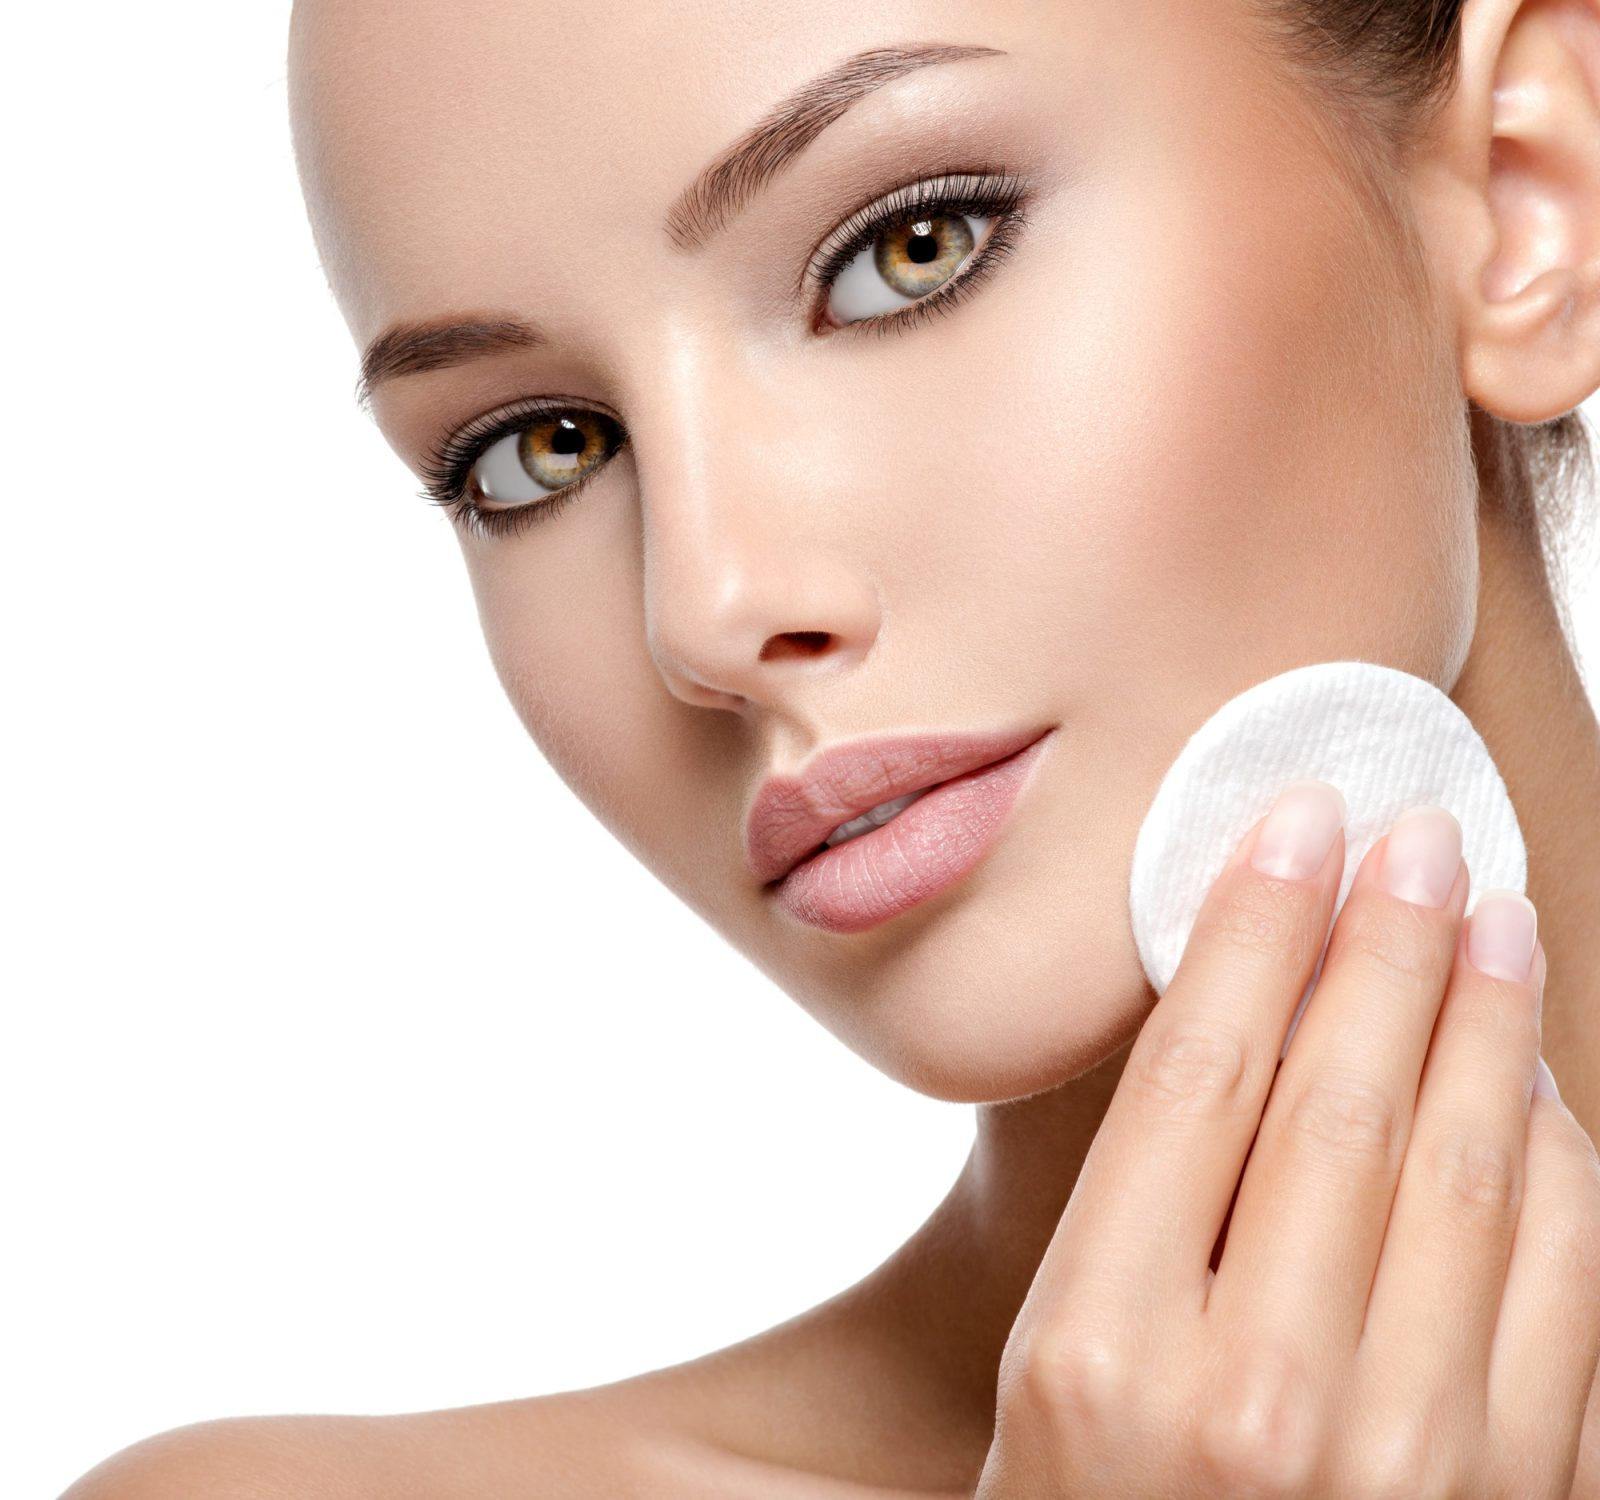 Welke reiniger is geschikt voor mijn huidtype?